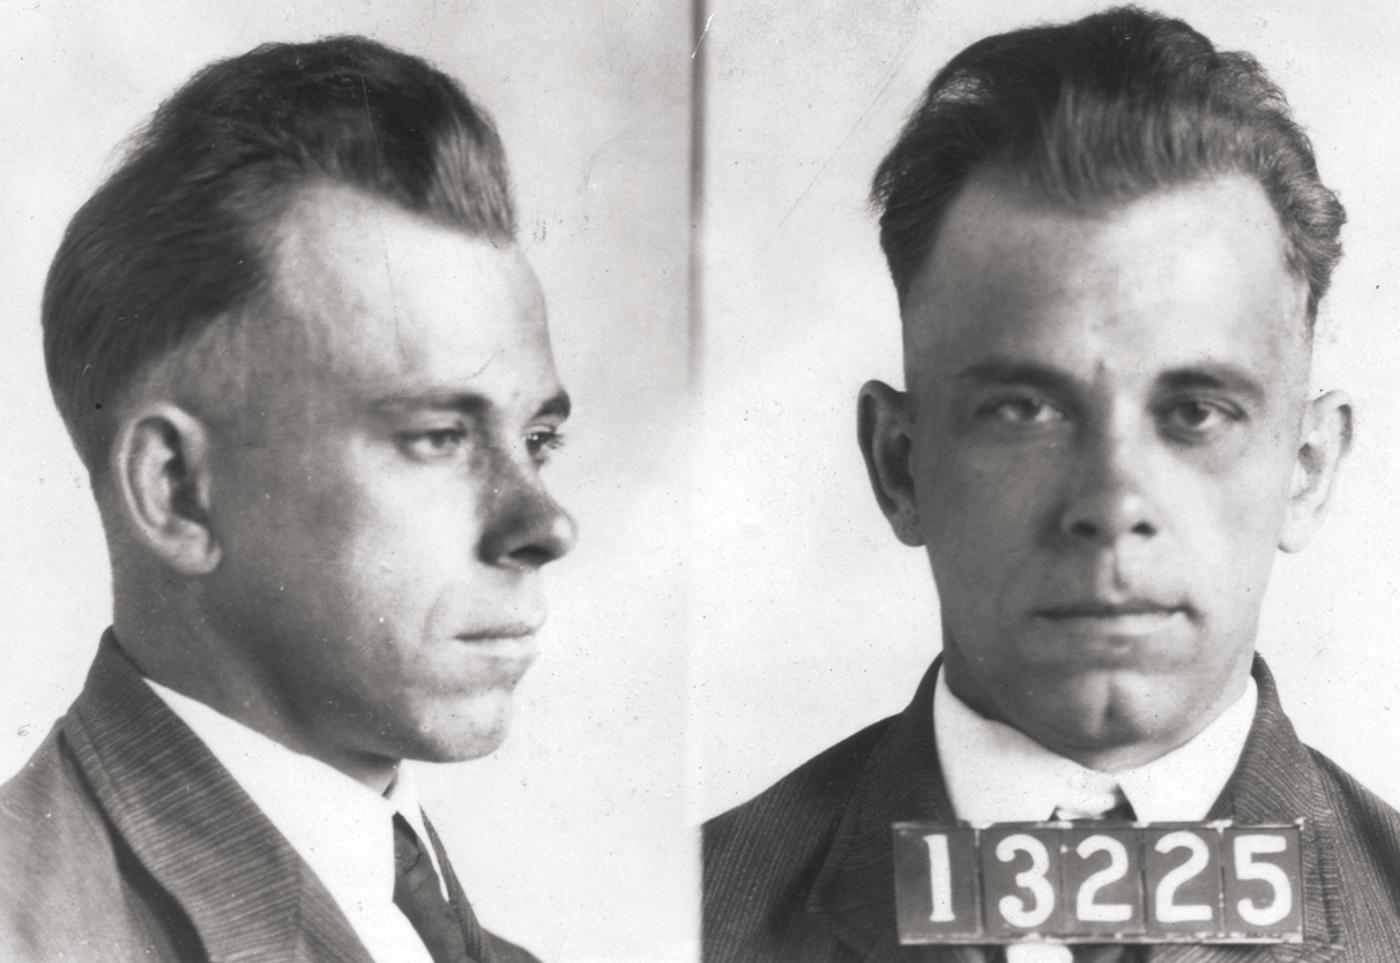 美國20世紀初年的「頭號全民公敵」──銀行大盜迪林傑(John Dillinger)(FBI)